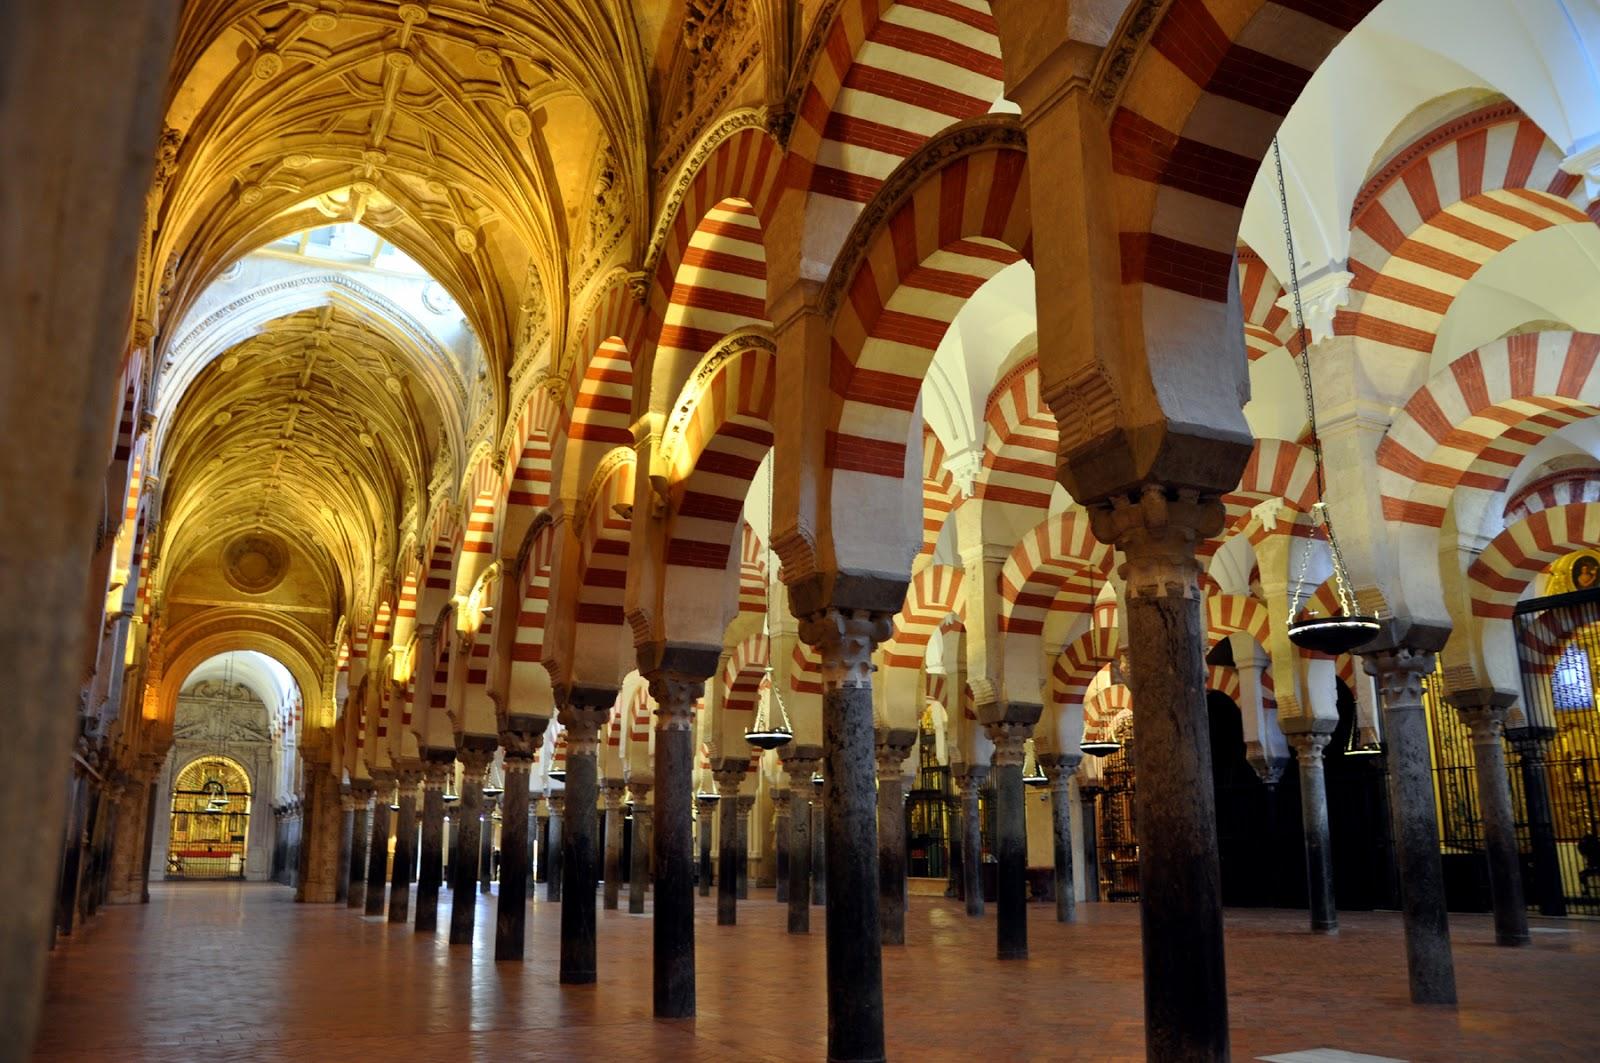 La mezquita de cordoba for Interior mezquita de cordoba